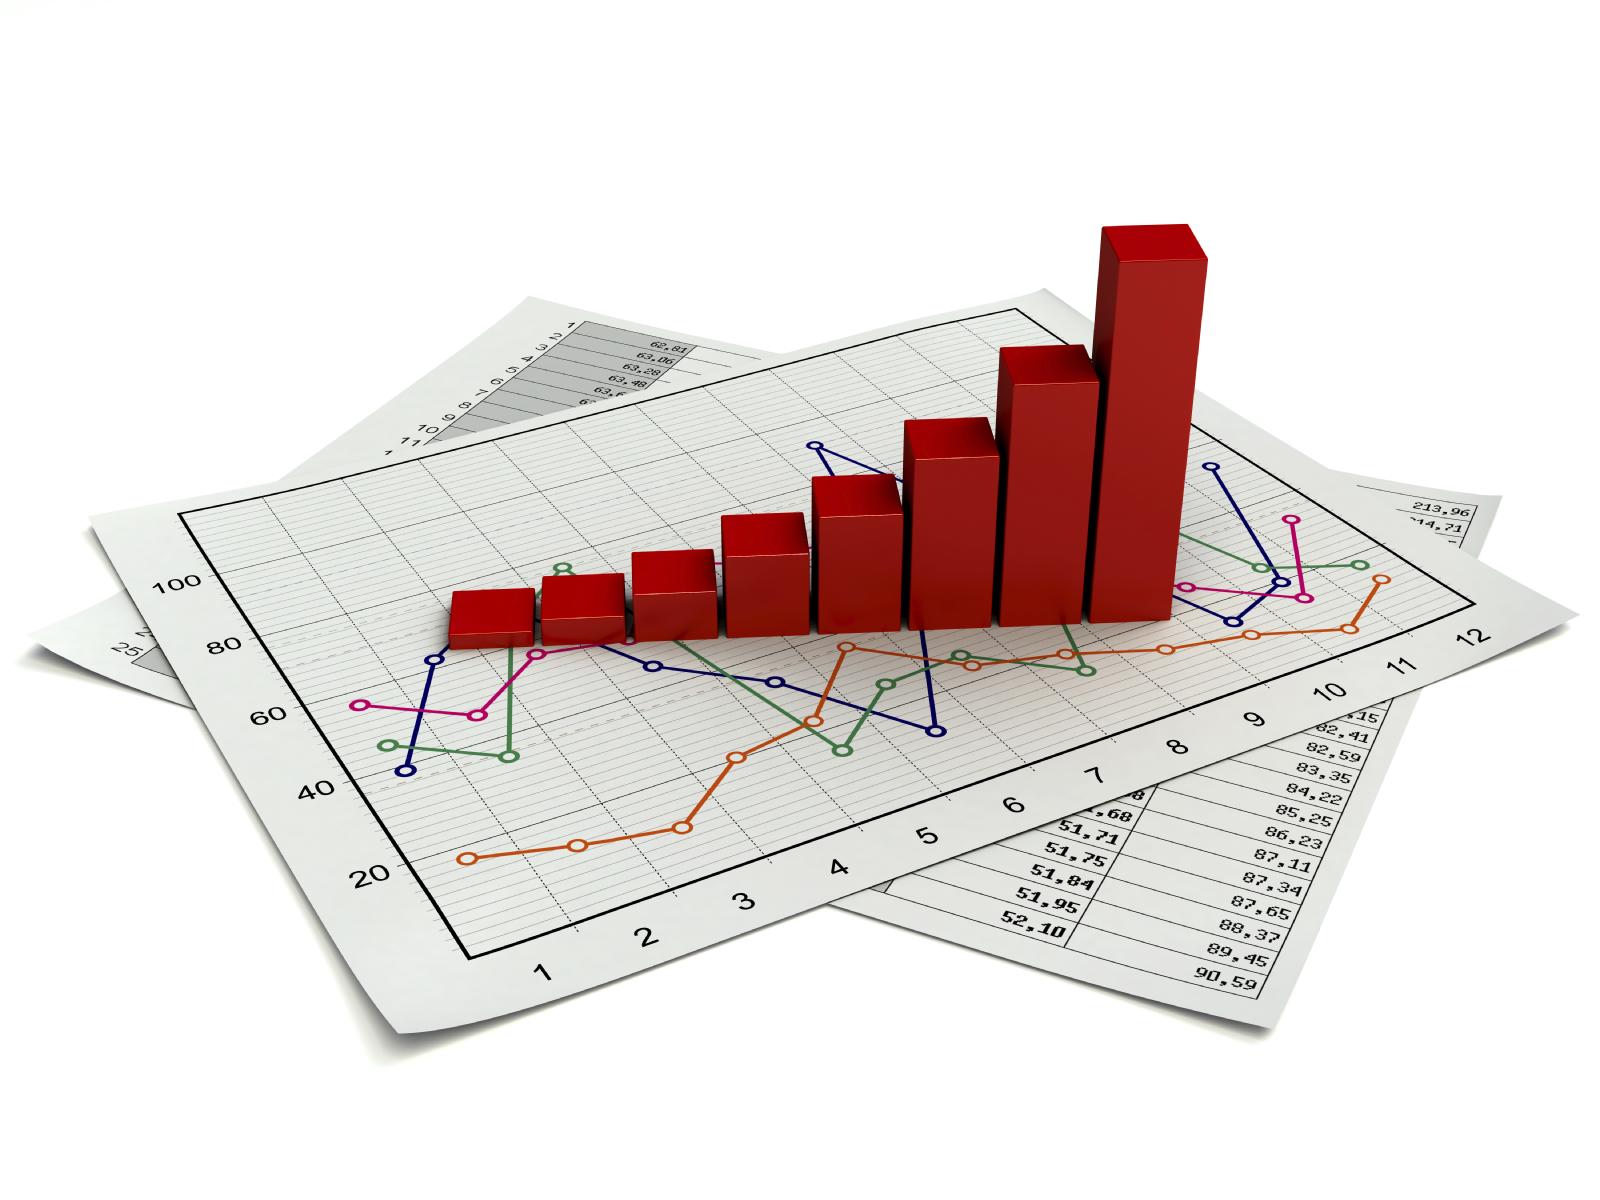 ПАММ-система и ее инвестиционные производные